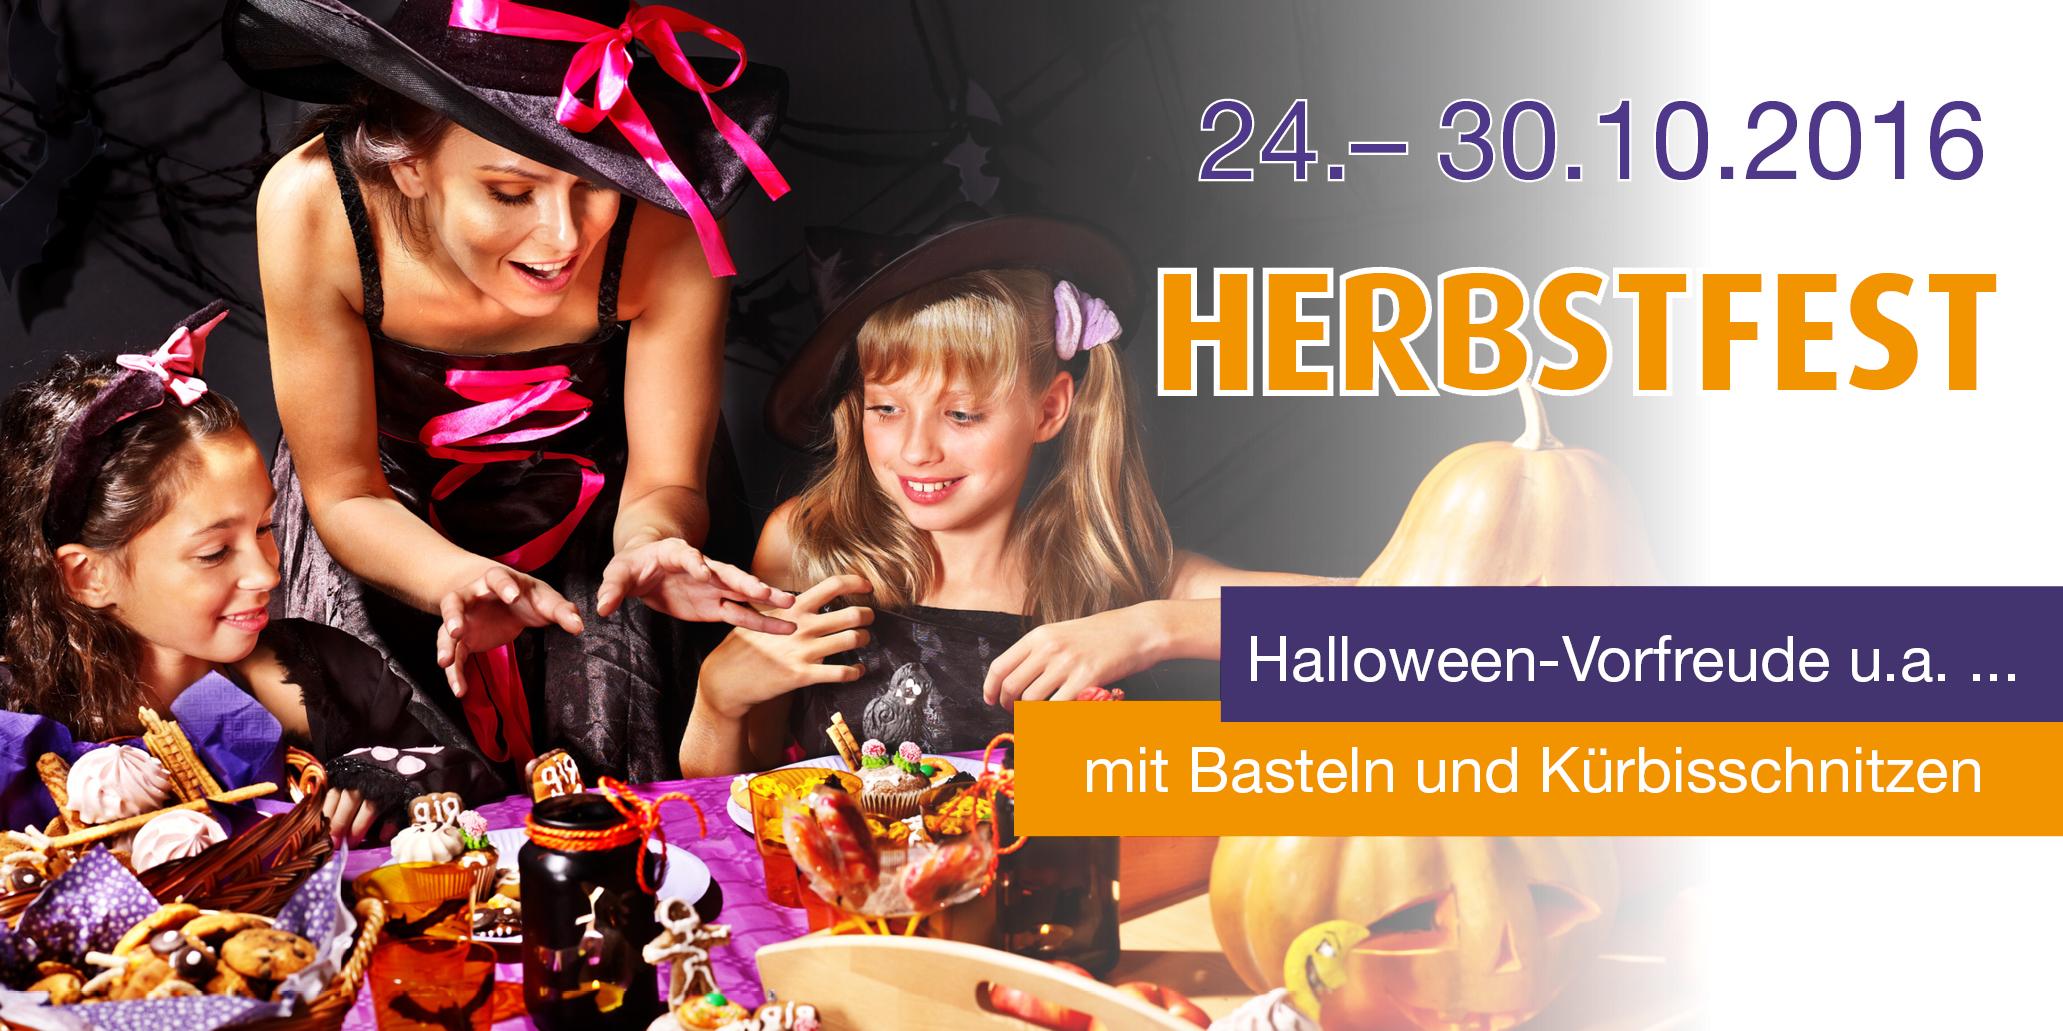 Herbstfest im HavelPark vom 24. bis 30. Oktober